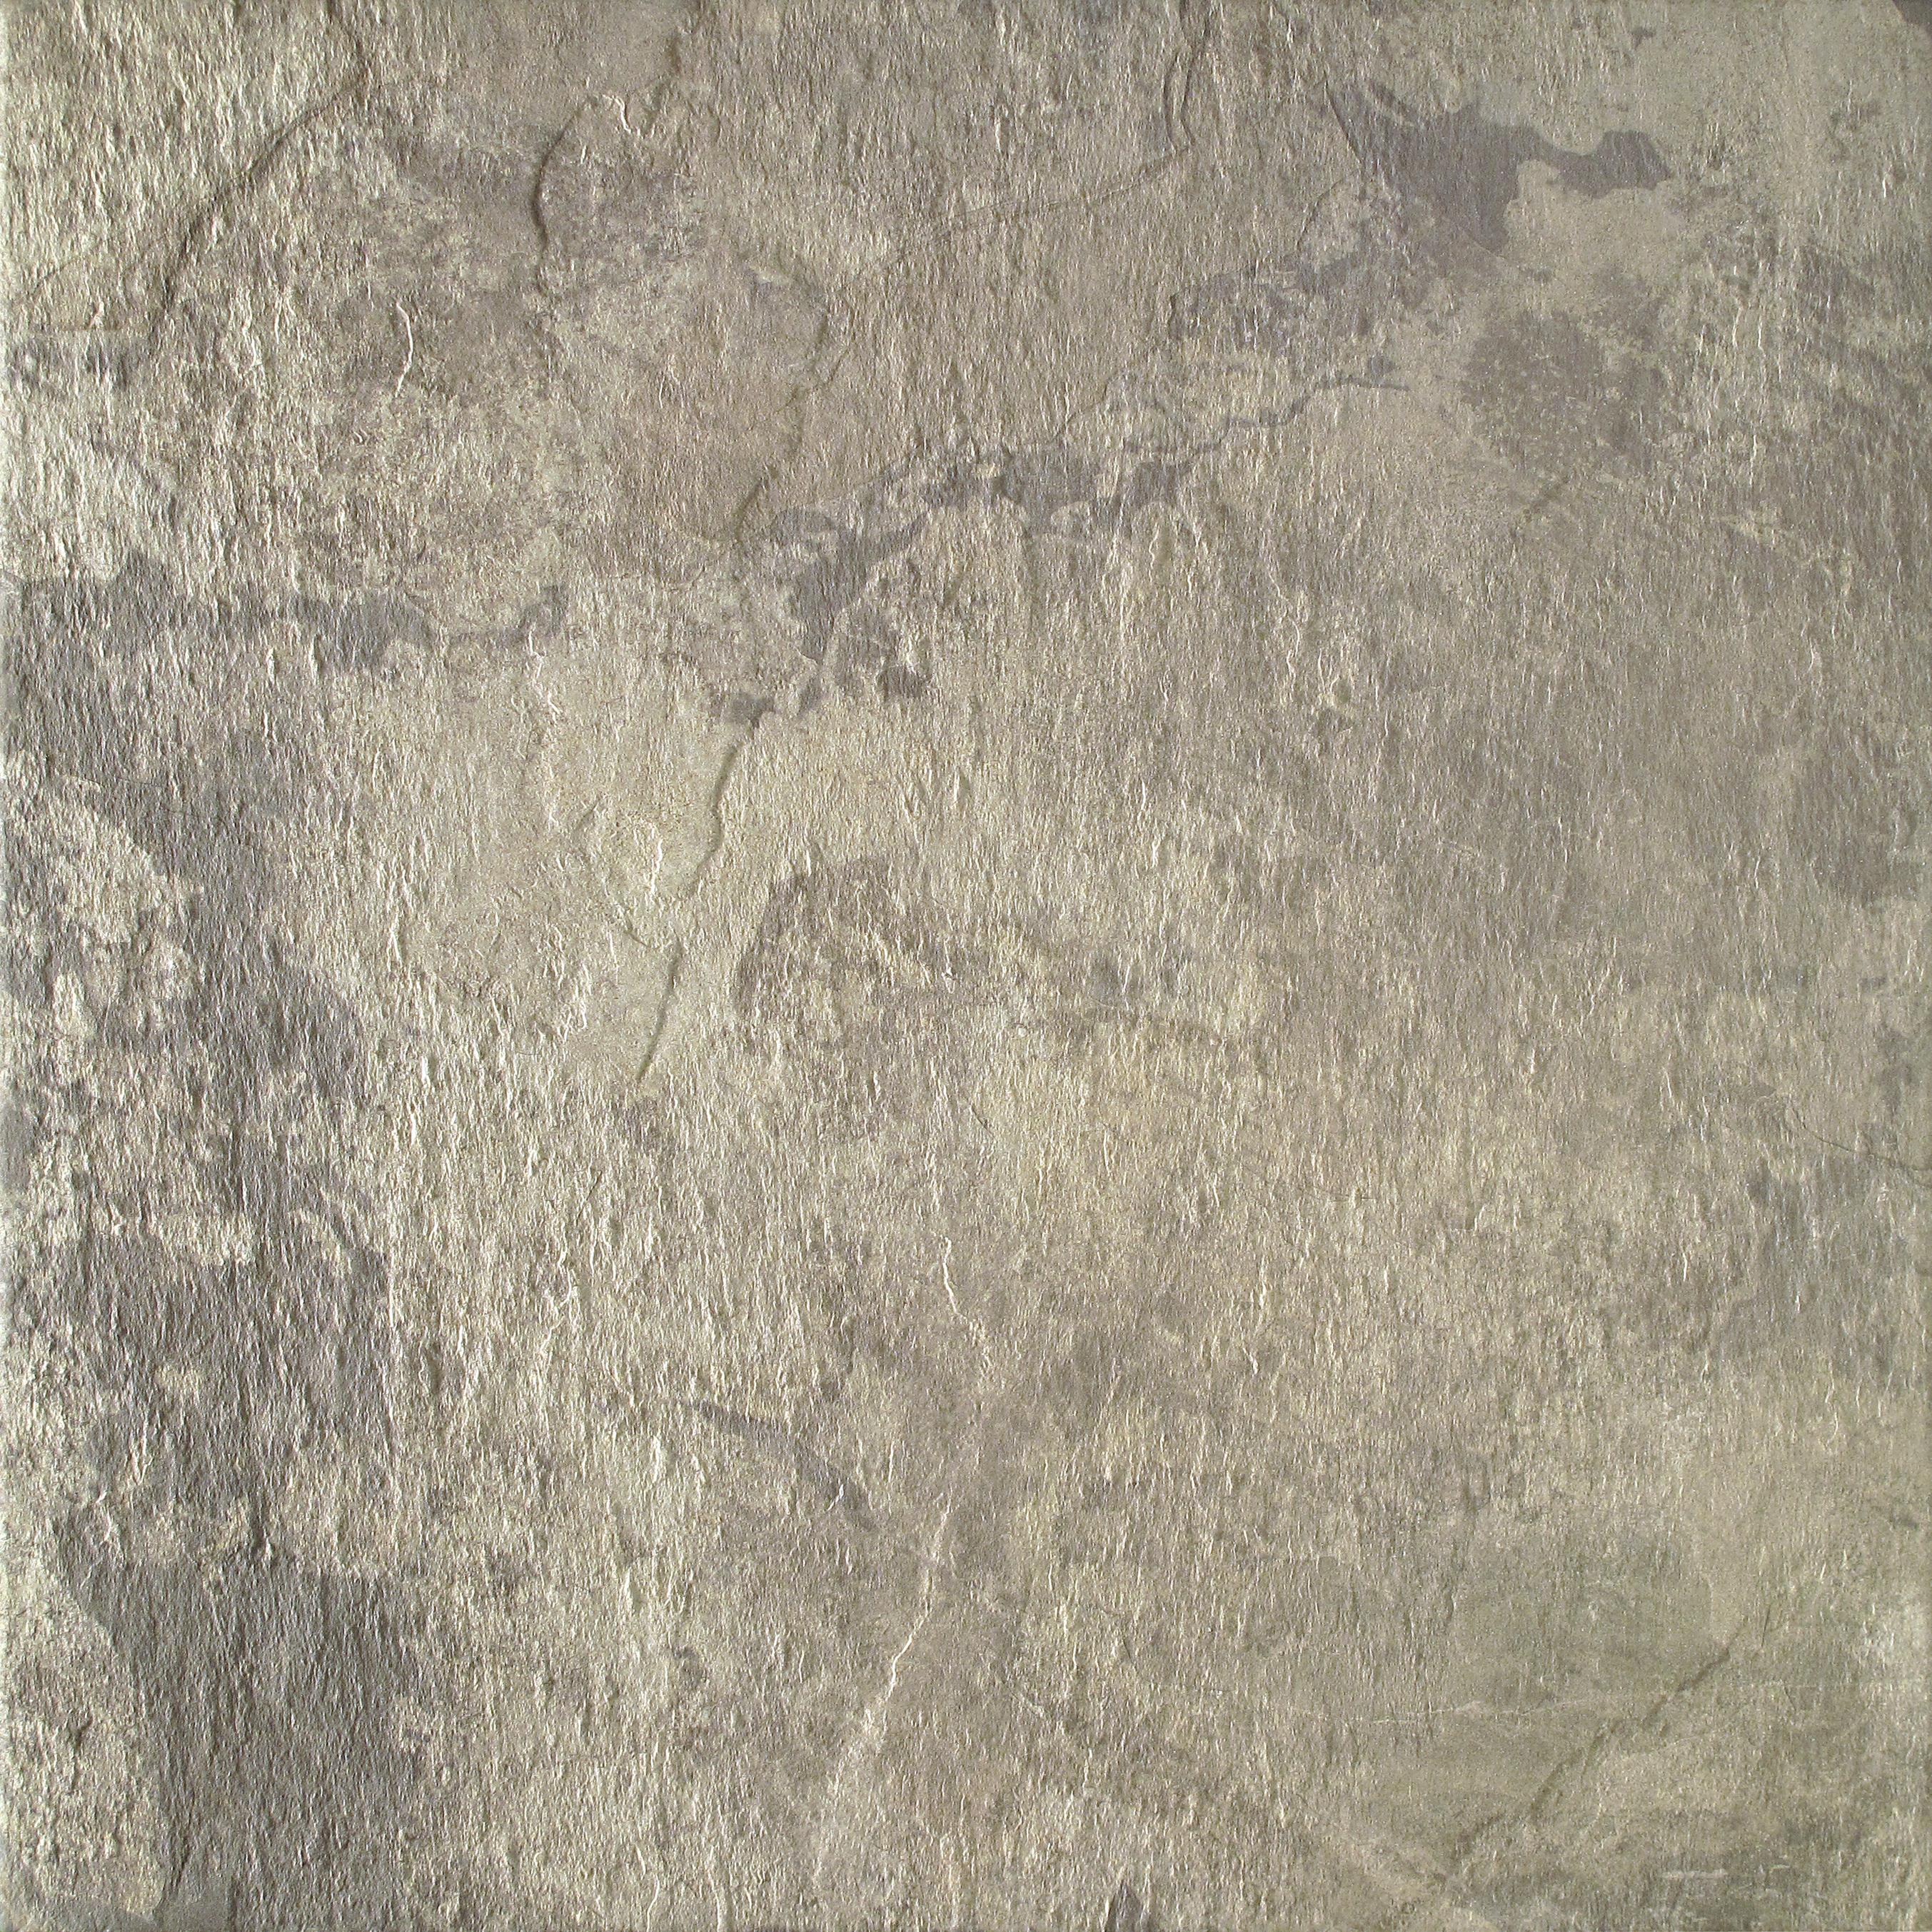 DEL CONCA Nat HNT5 g9nt05 Boden-/Wandfliese 60x60 matt